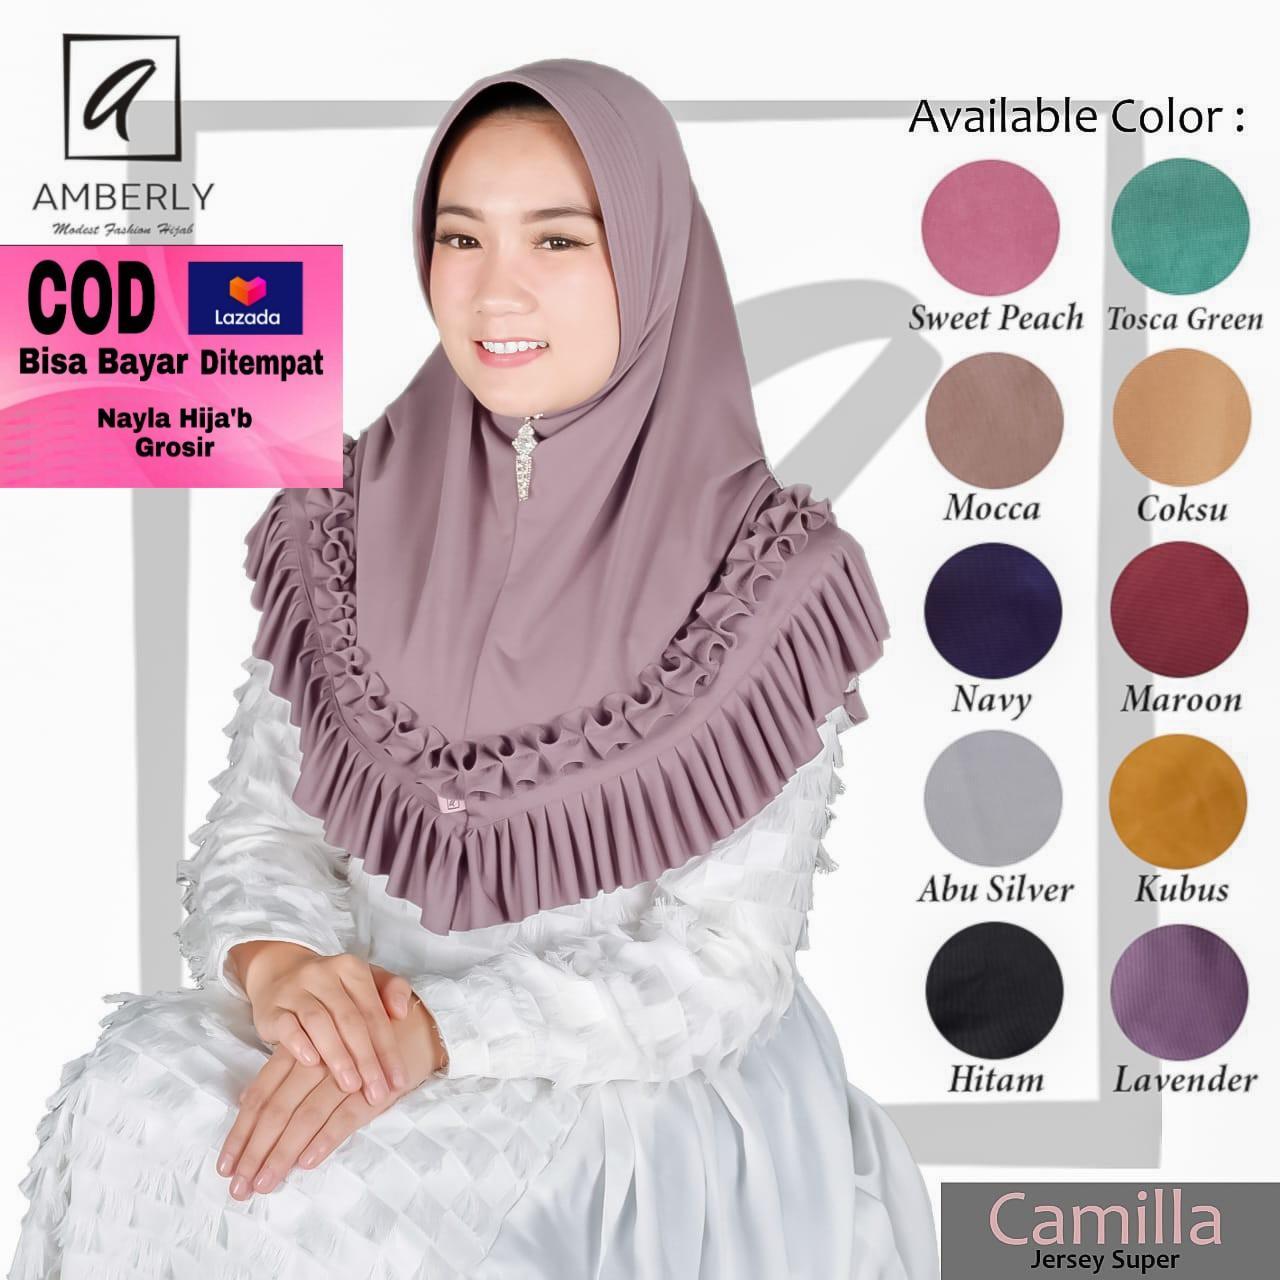 Hijab/ Jilbab Instan Jersey Jersey Model Bergo terbaru termurah dan terlaris/ Kerudung Wanita Terbaru/ Amberly Camilla/ Nayla Hija'b